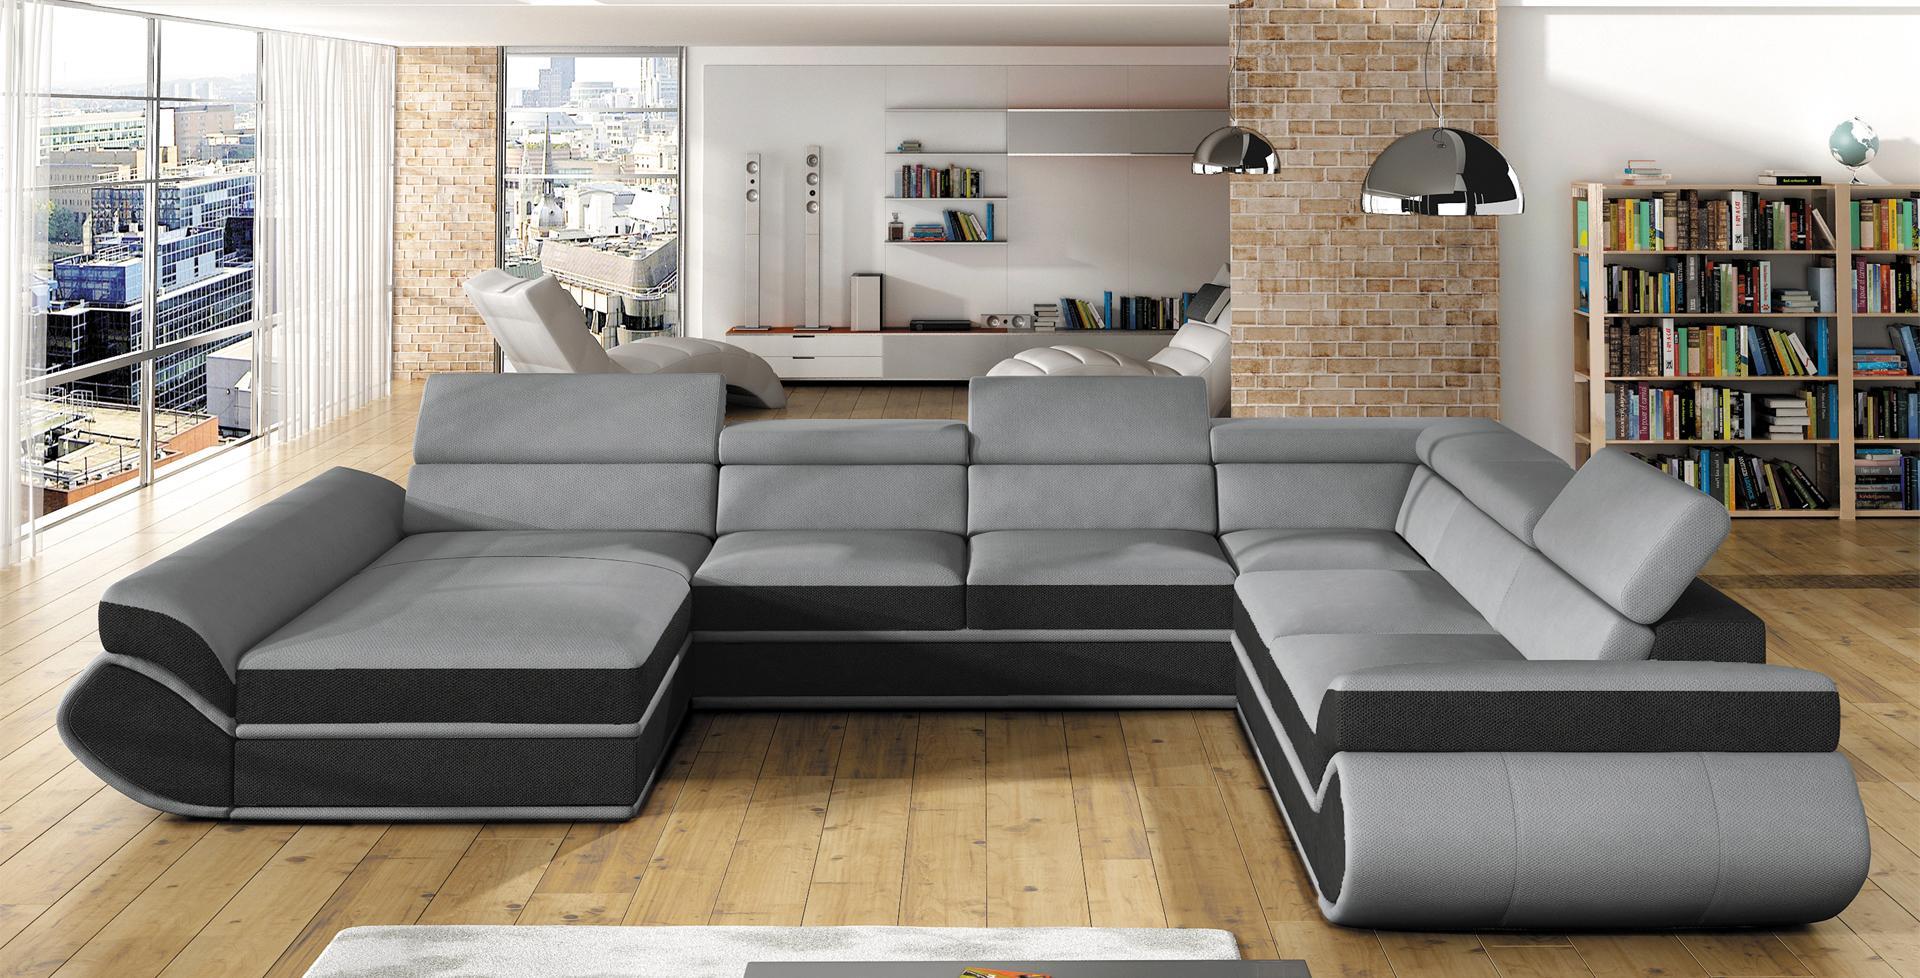 sofa schlafsofa wohnlandschaft mit bettfunktion bettkasten ecksofa u couch neu genesis xl. Black Bedroom Furniture Sets. Home Design Ideas